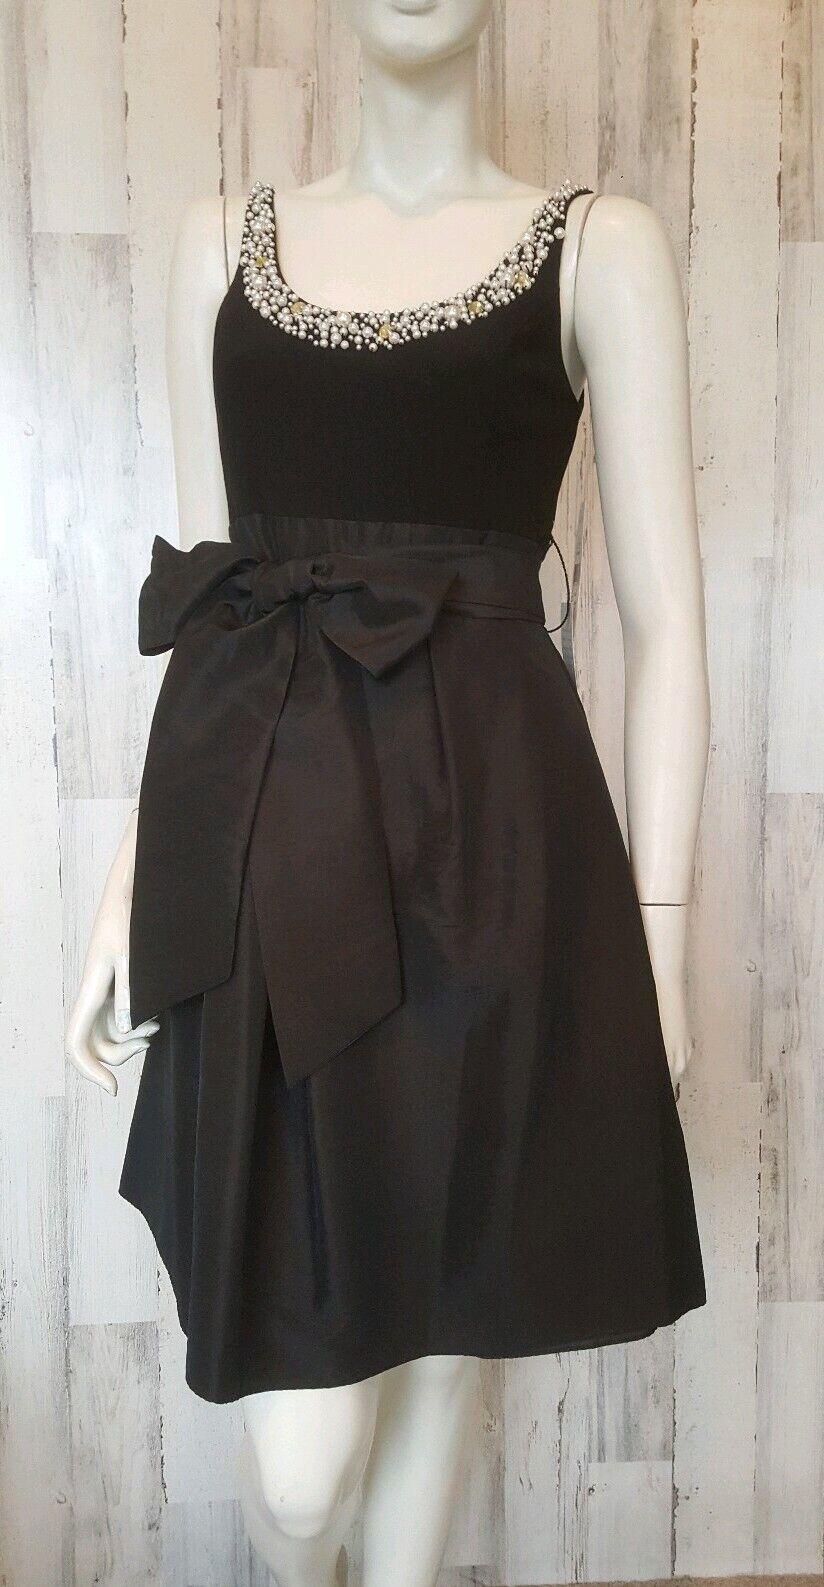 Eliza J  New York schwarz fit flare formal sleeveless Dress sz 6 NWT